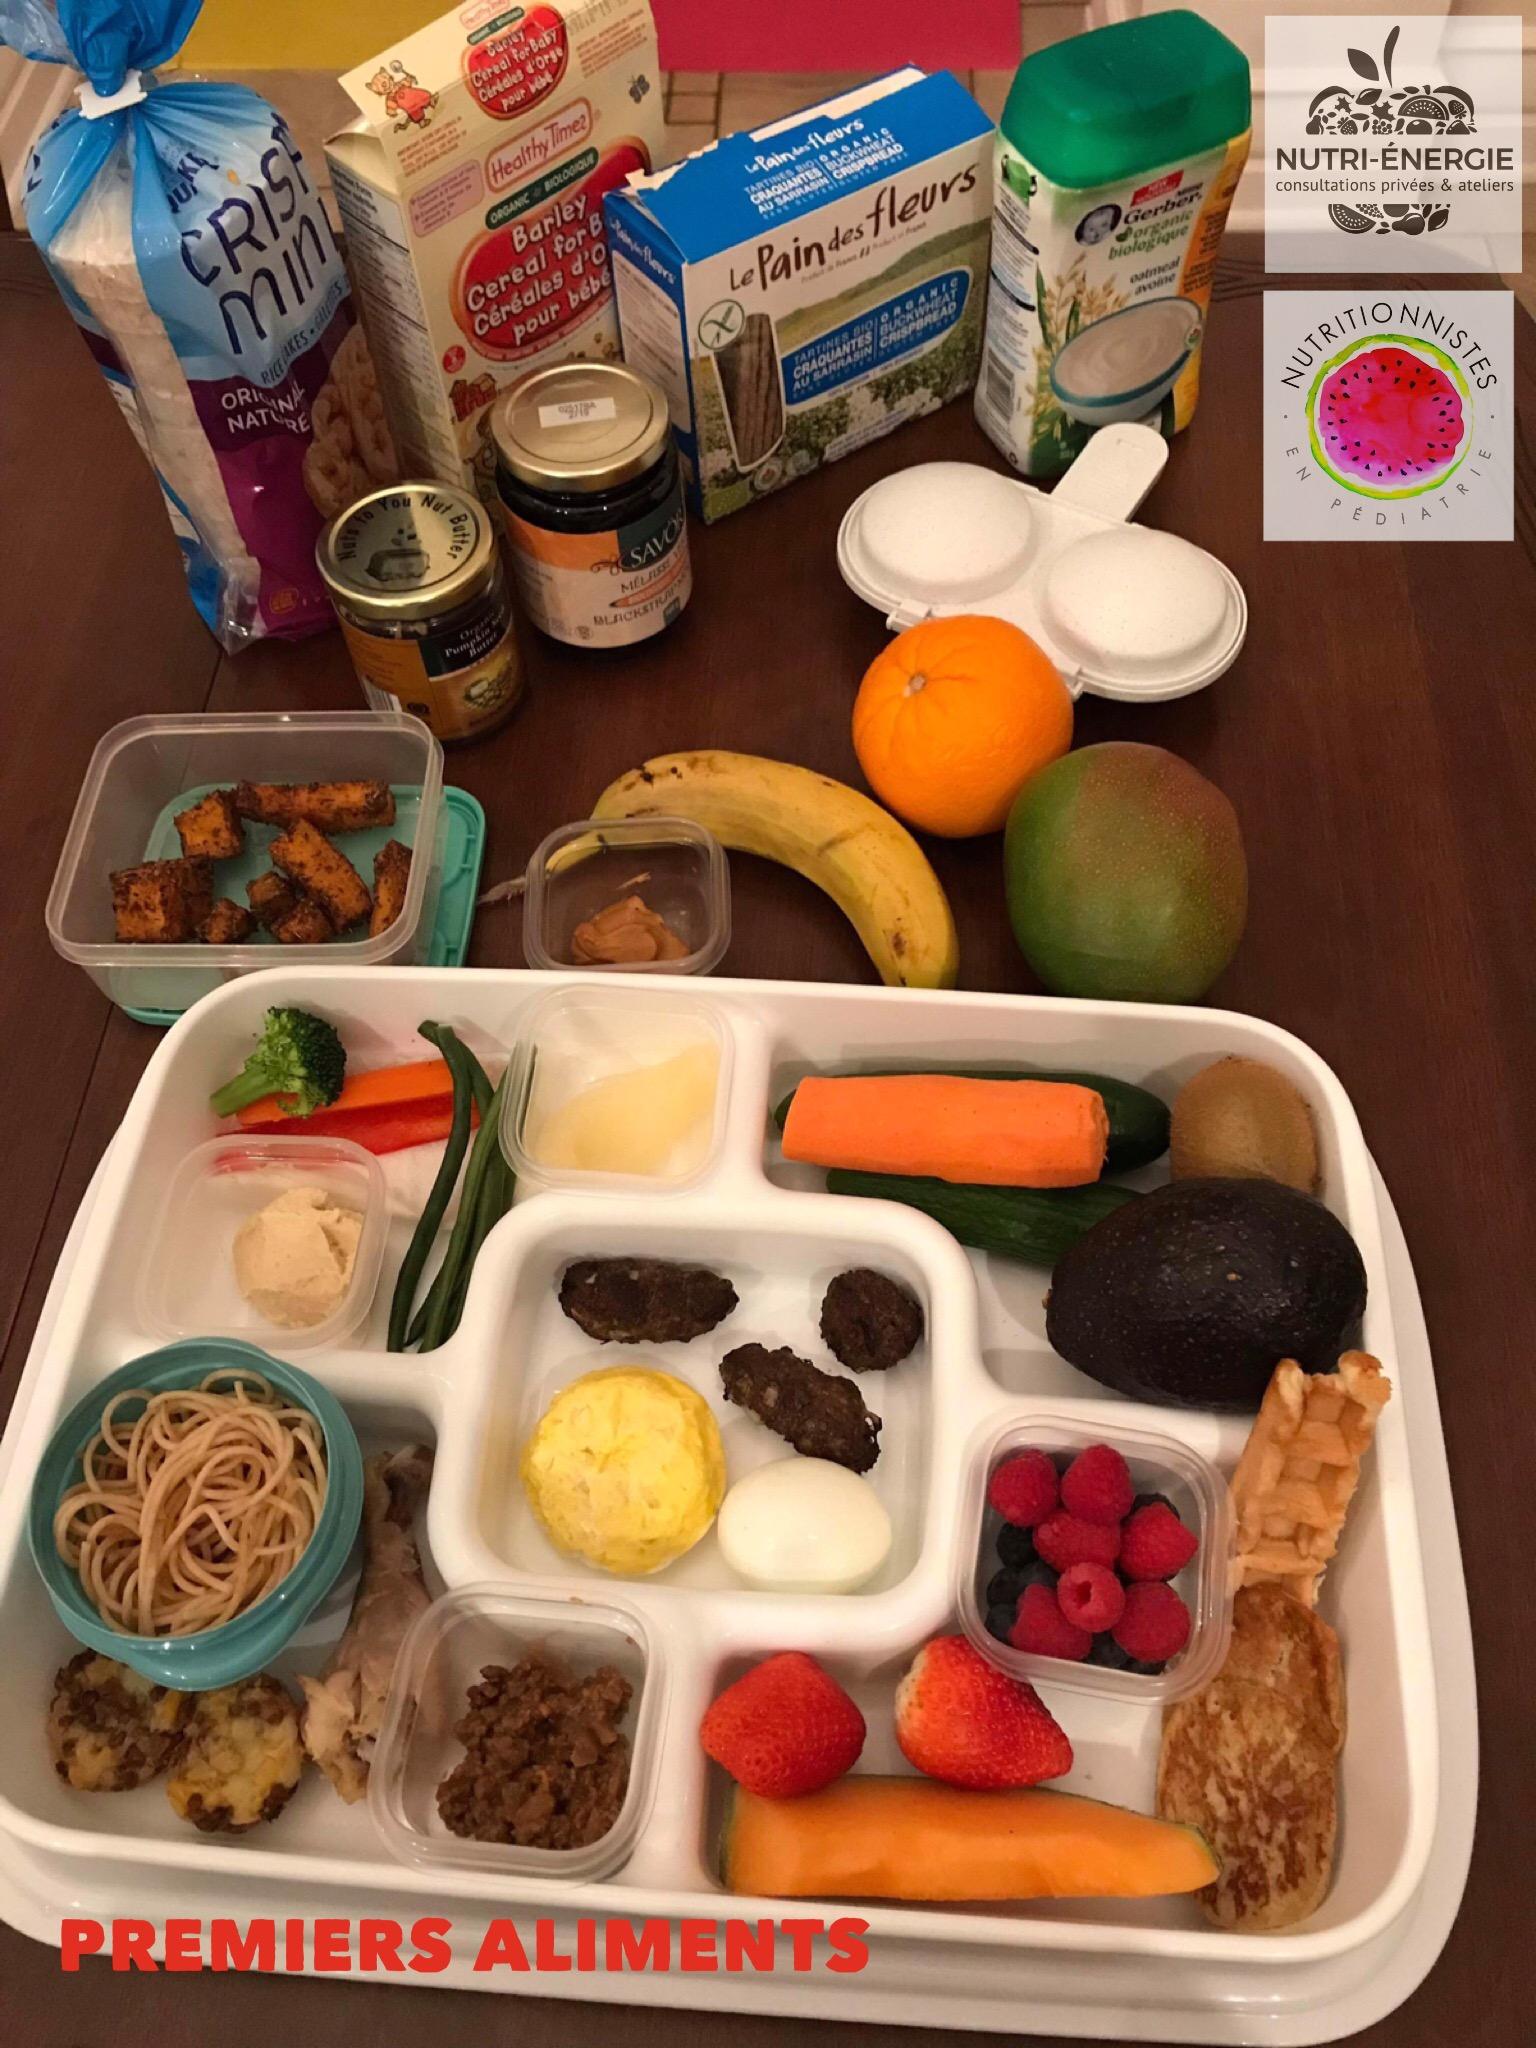 Premiers aliments DME